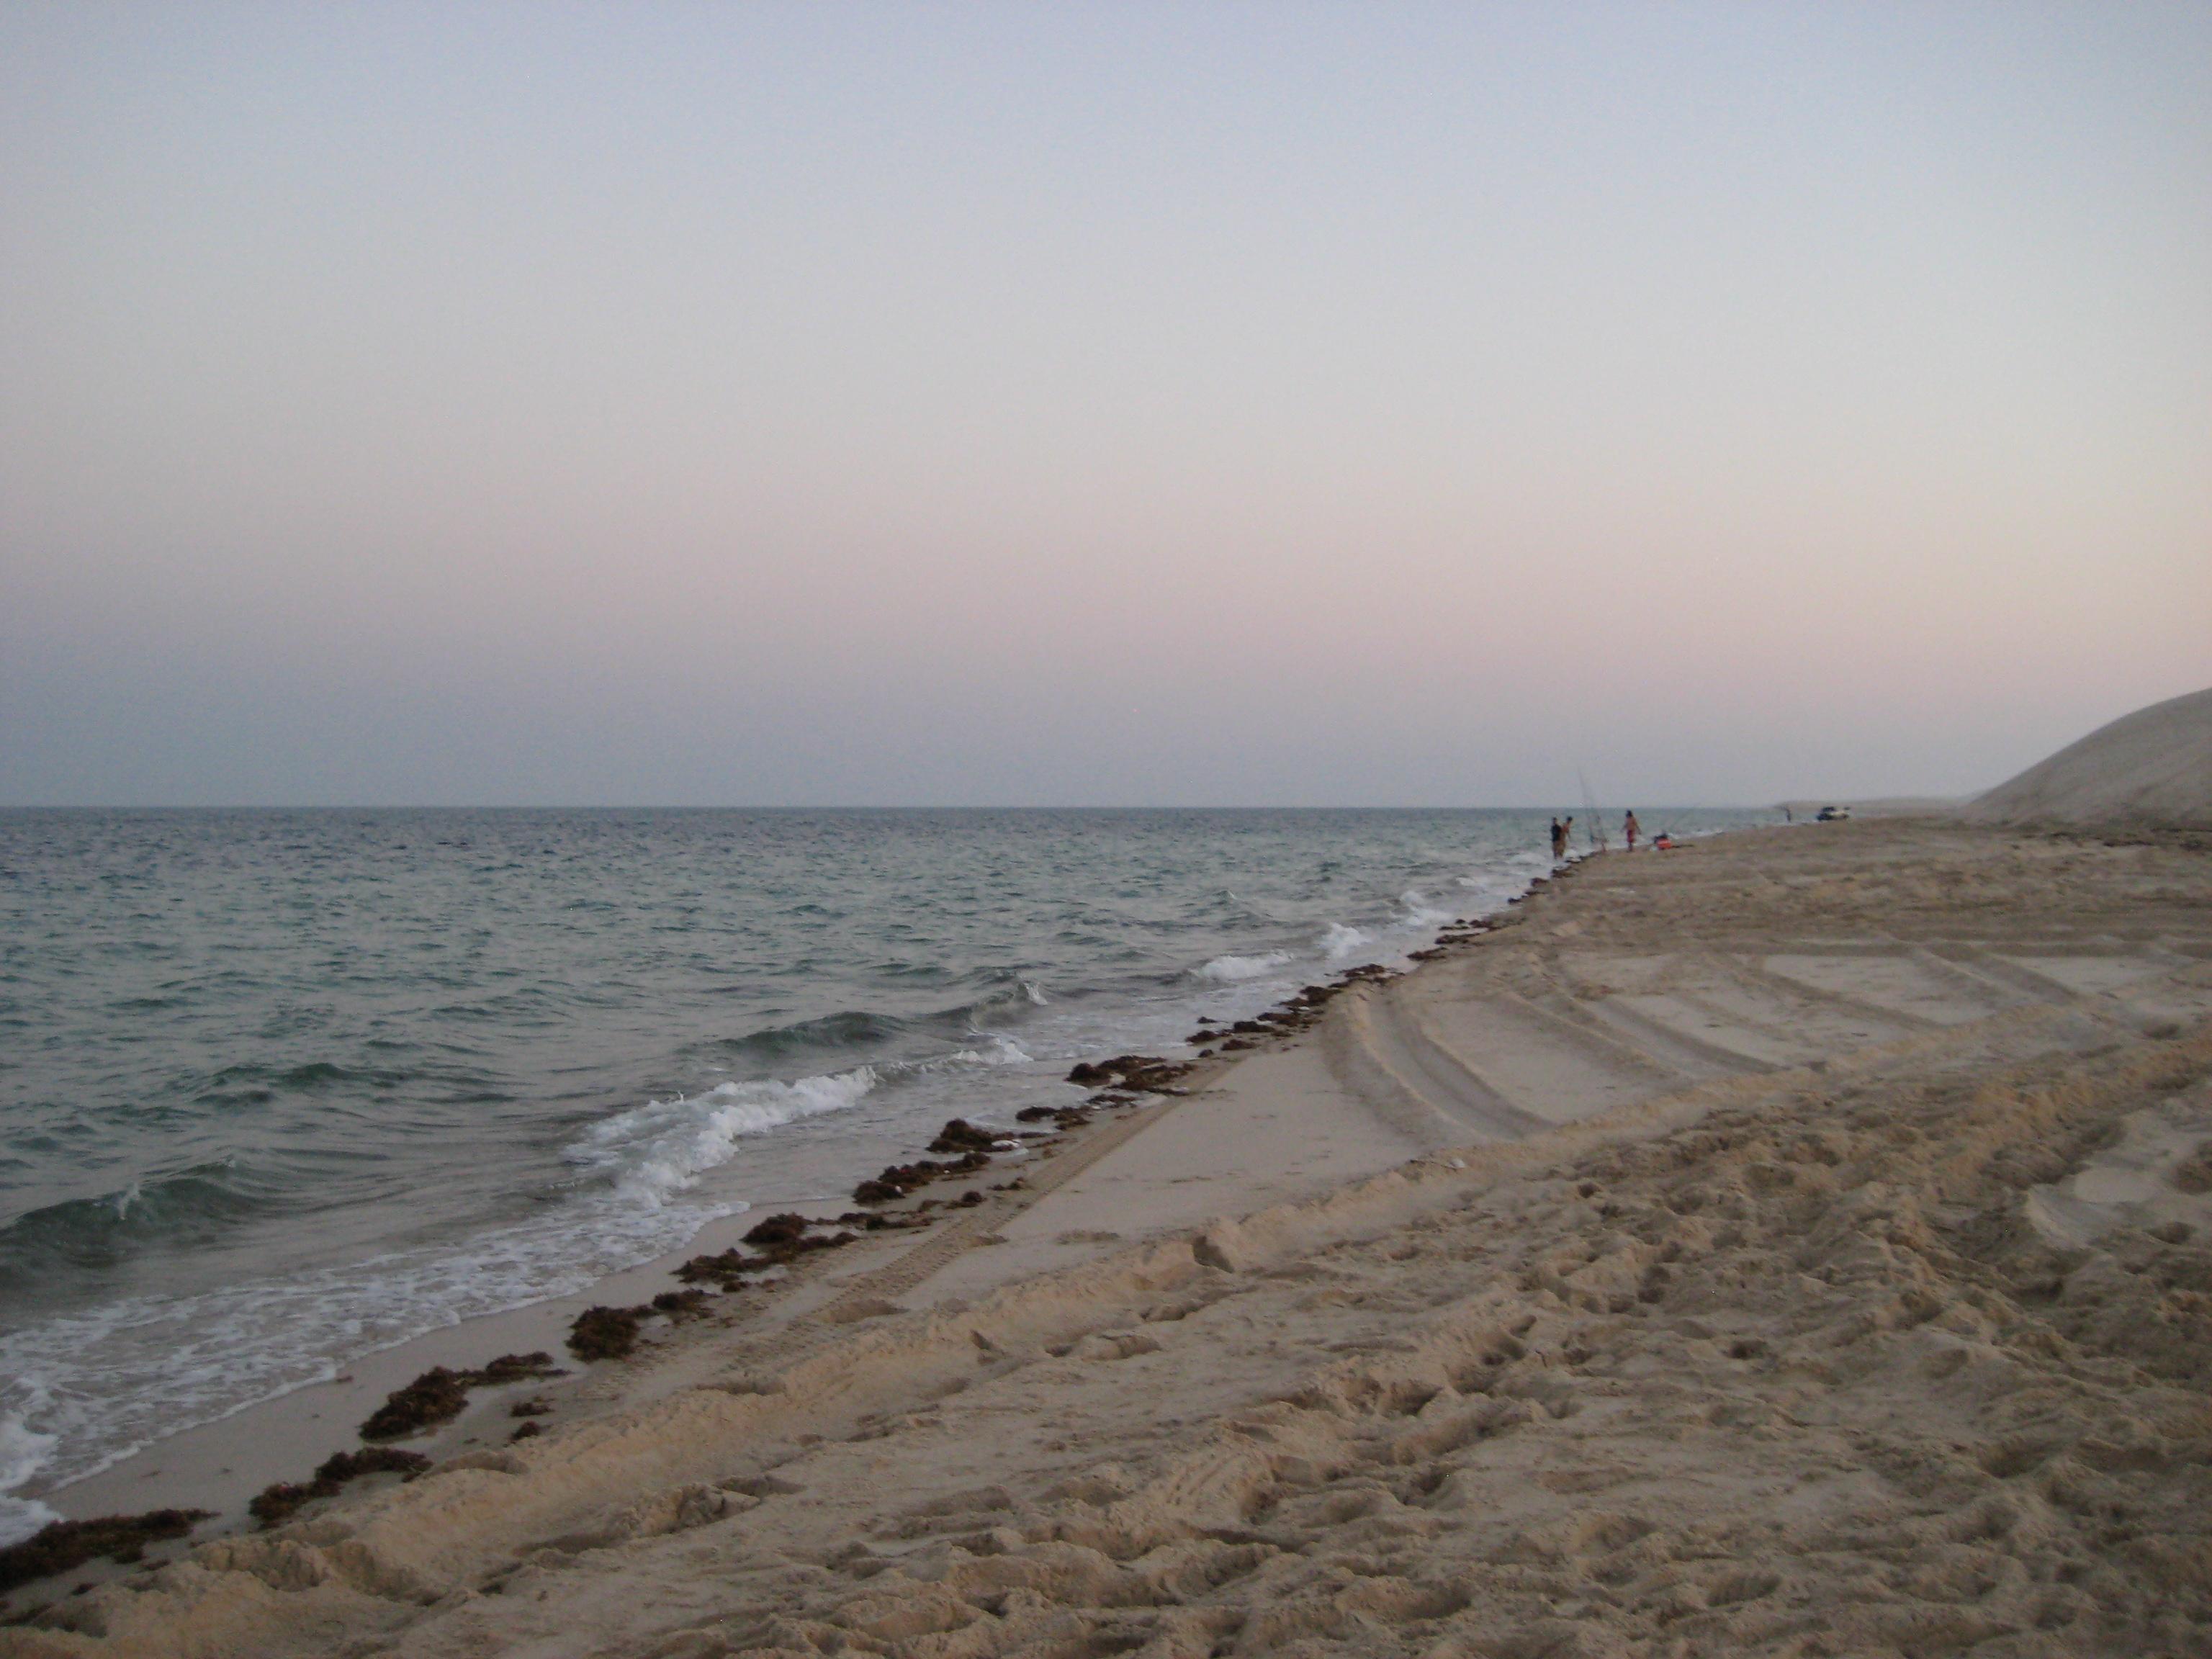 Mesaieed Qatar  city photo : Sealine beach near Mesaieed, Qatar 2014 Wikimedia Commons